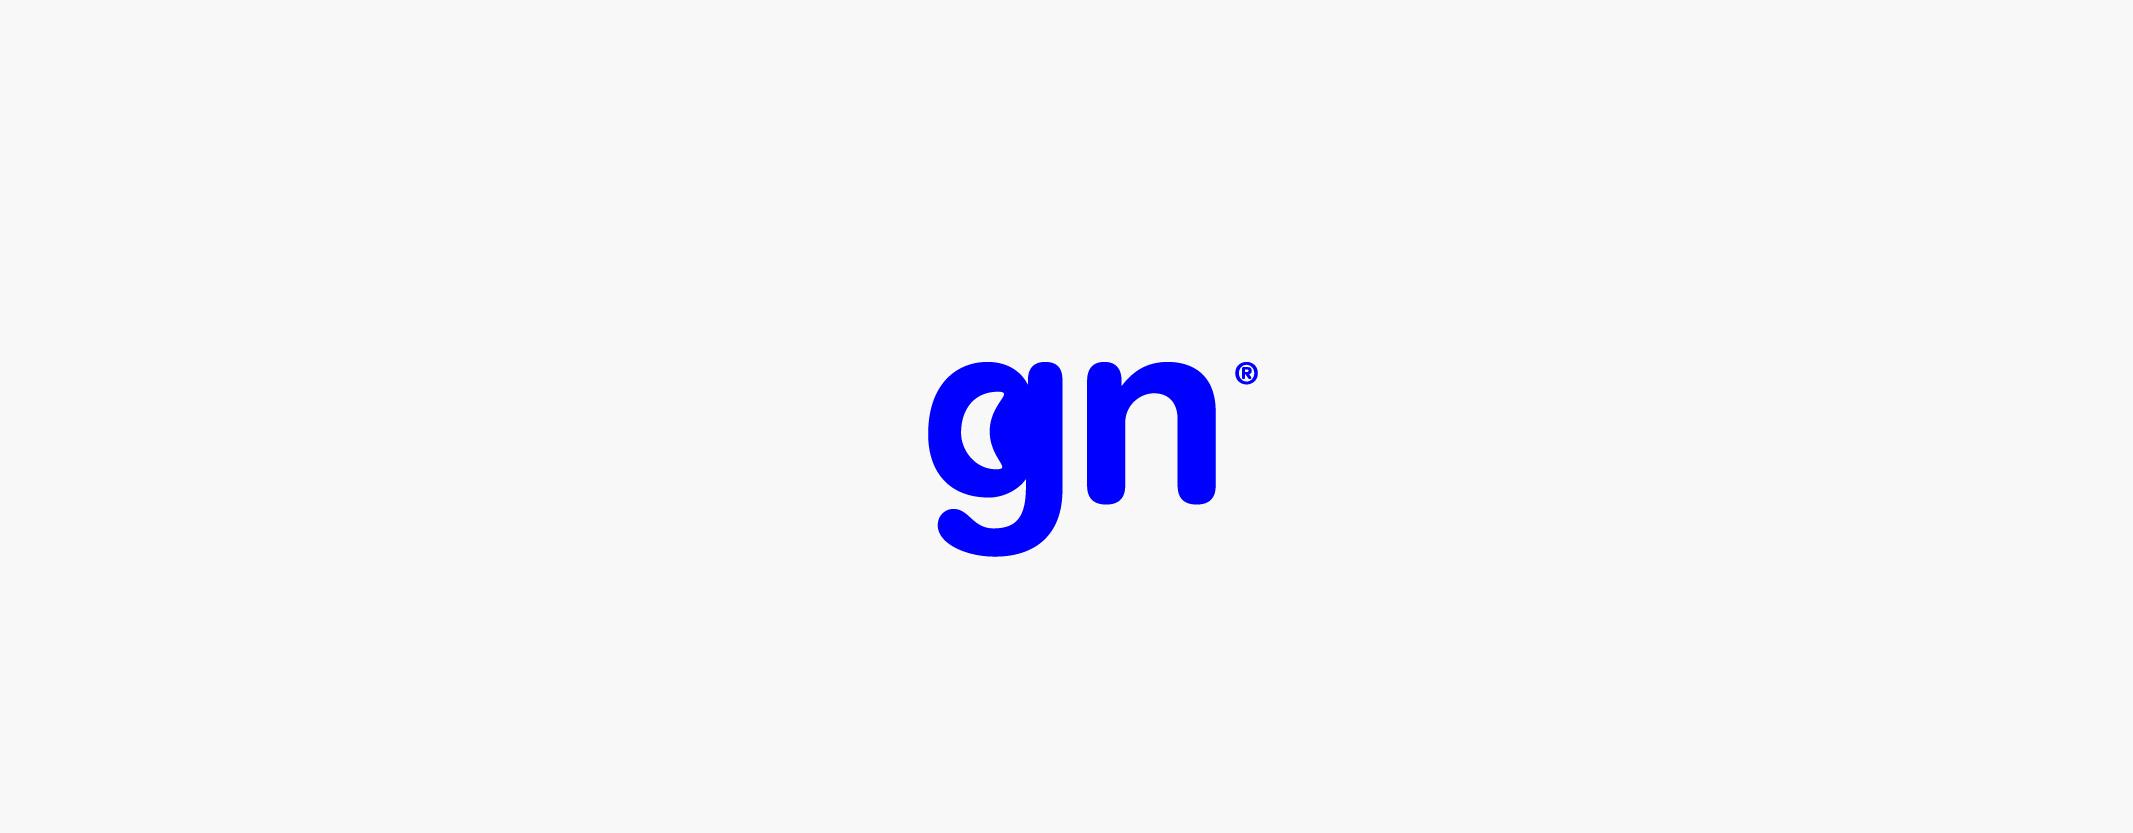 40_logos_gn